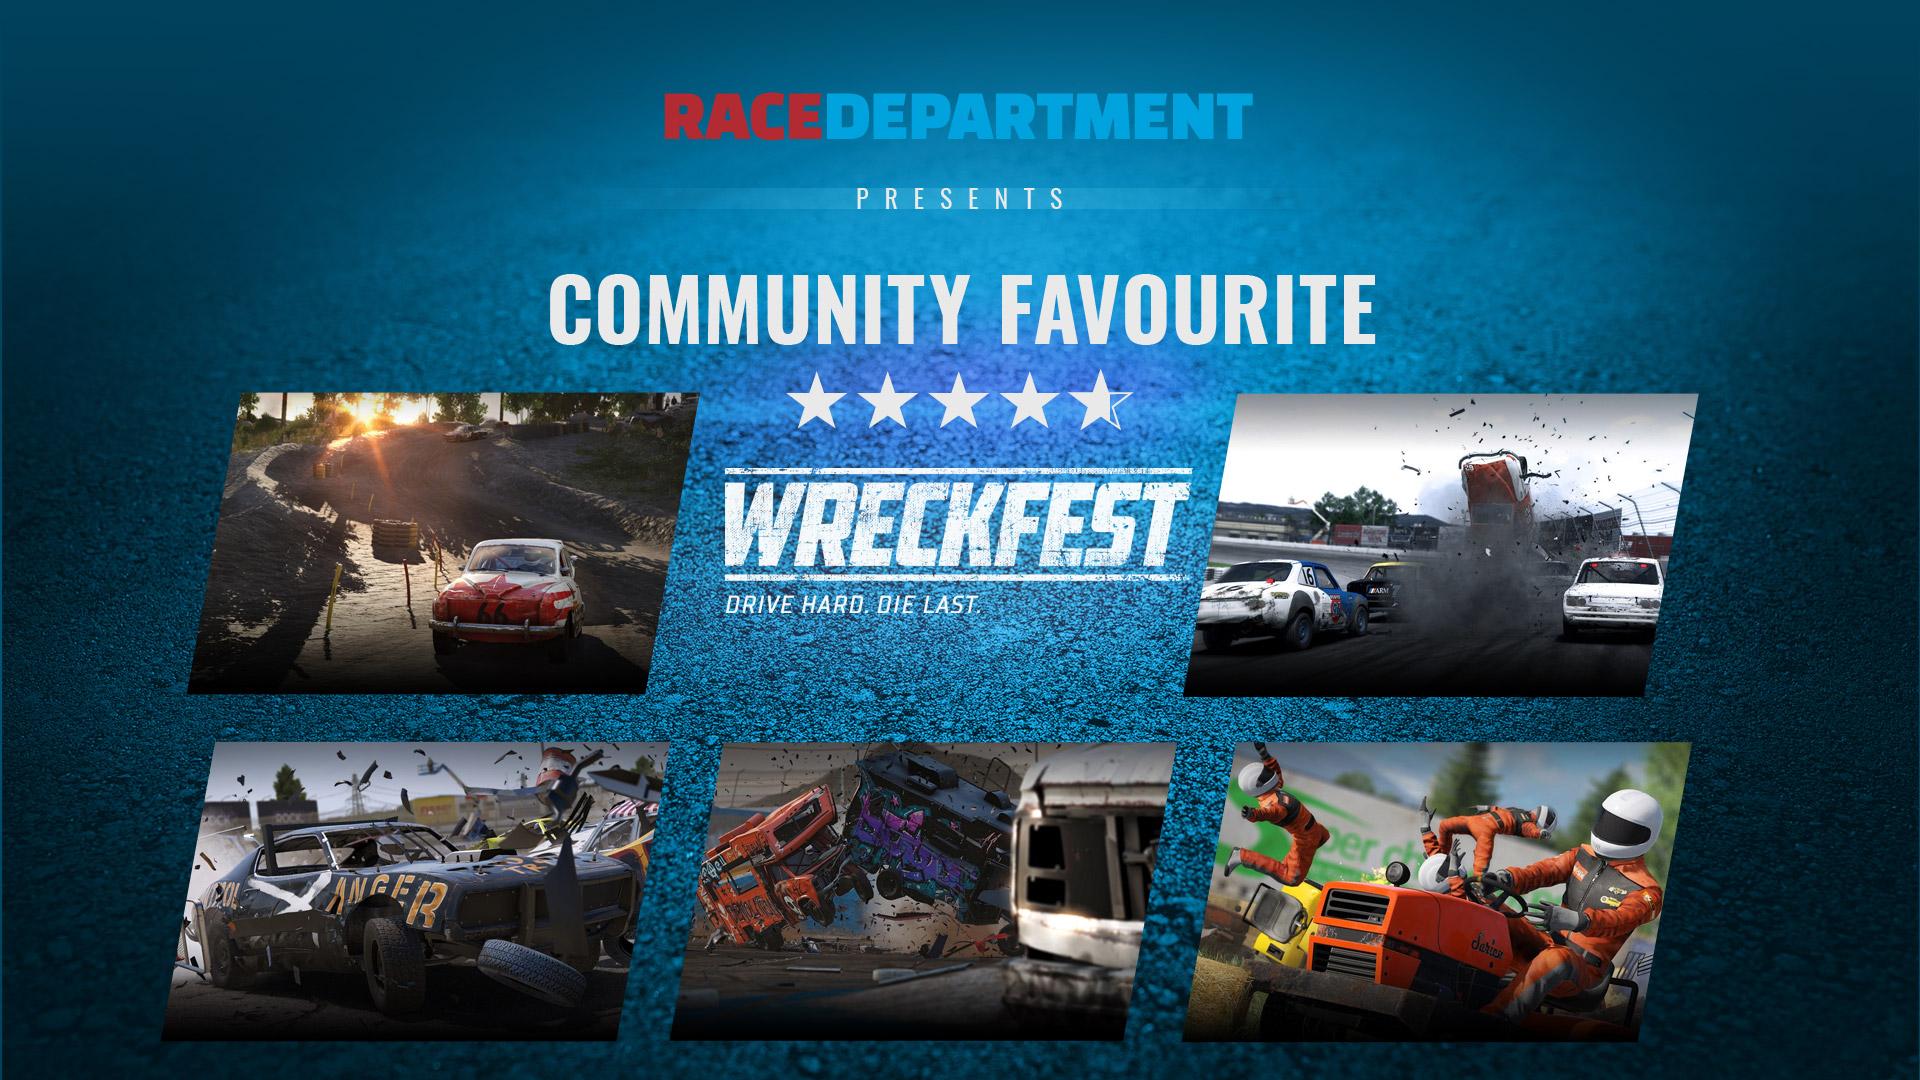 RD Community Favourite-Wreckfest.jpg